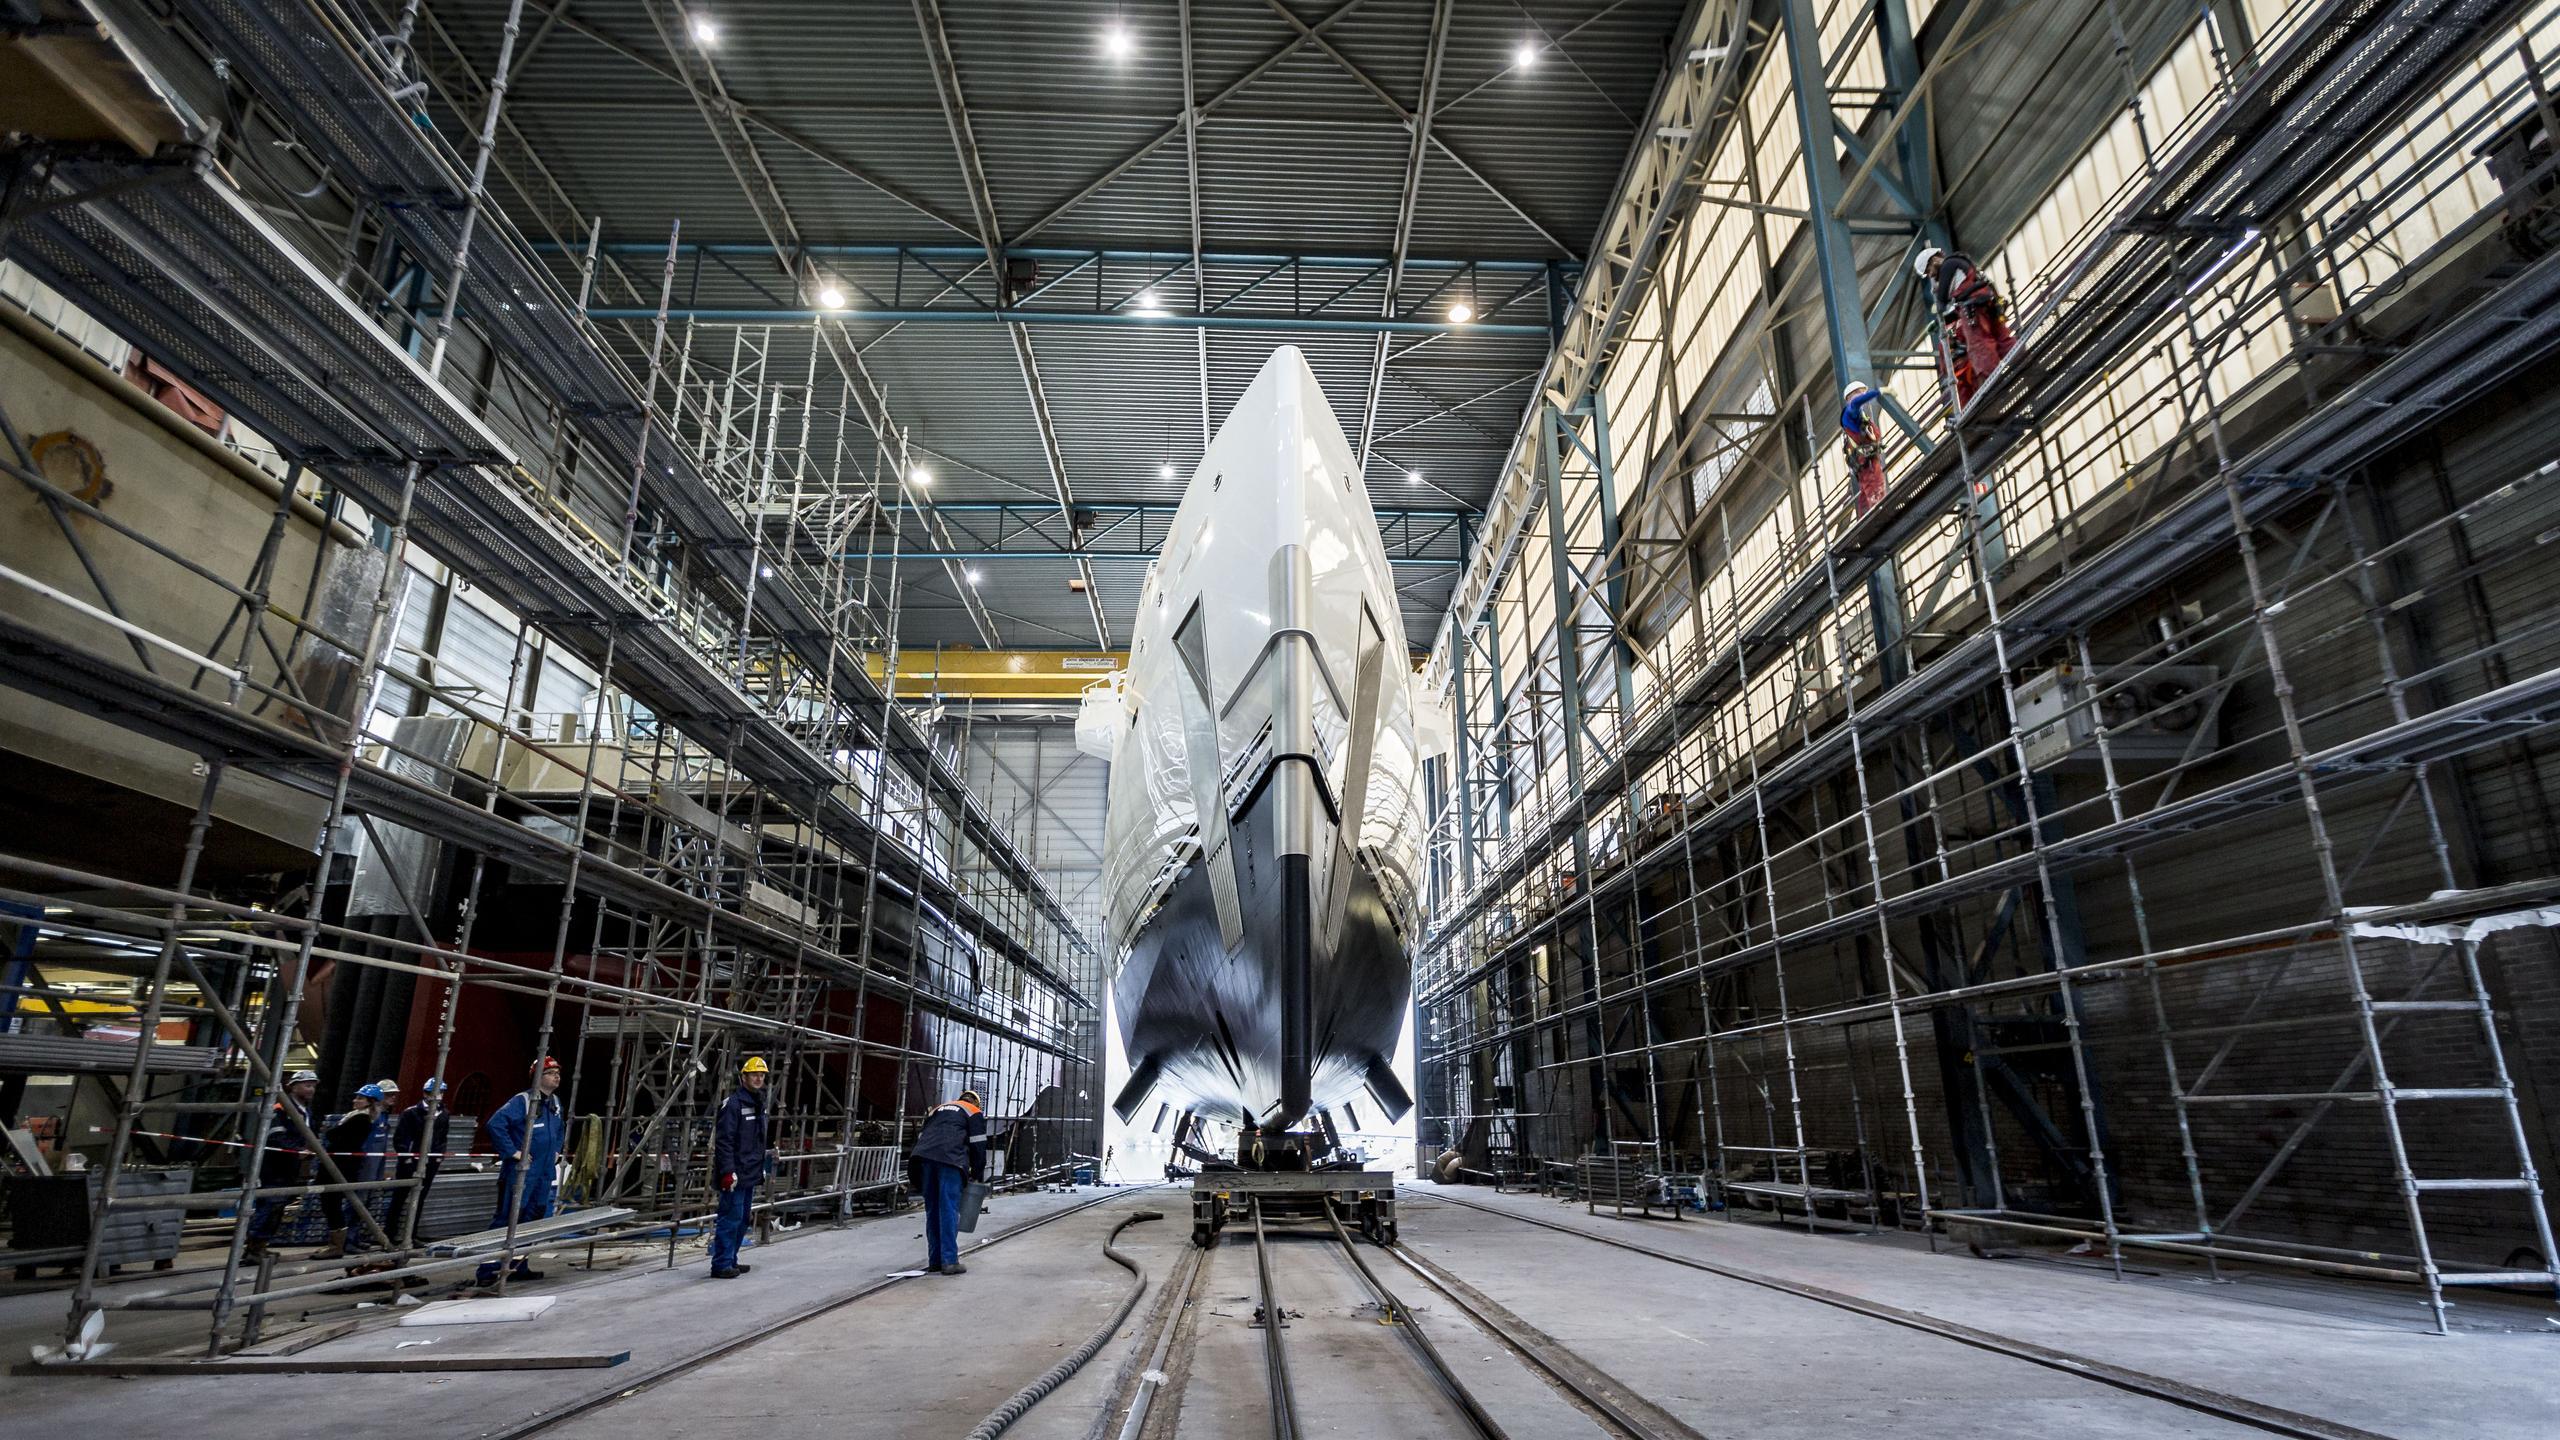 game changer support motoryacht damen seaaxe 69m 2017 bow launch